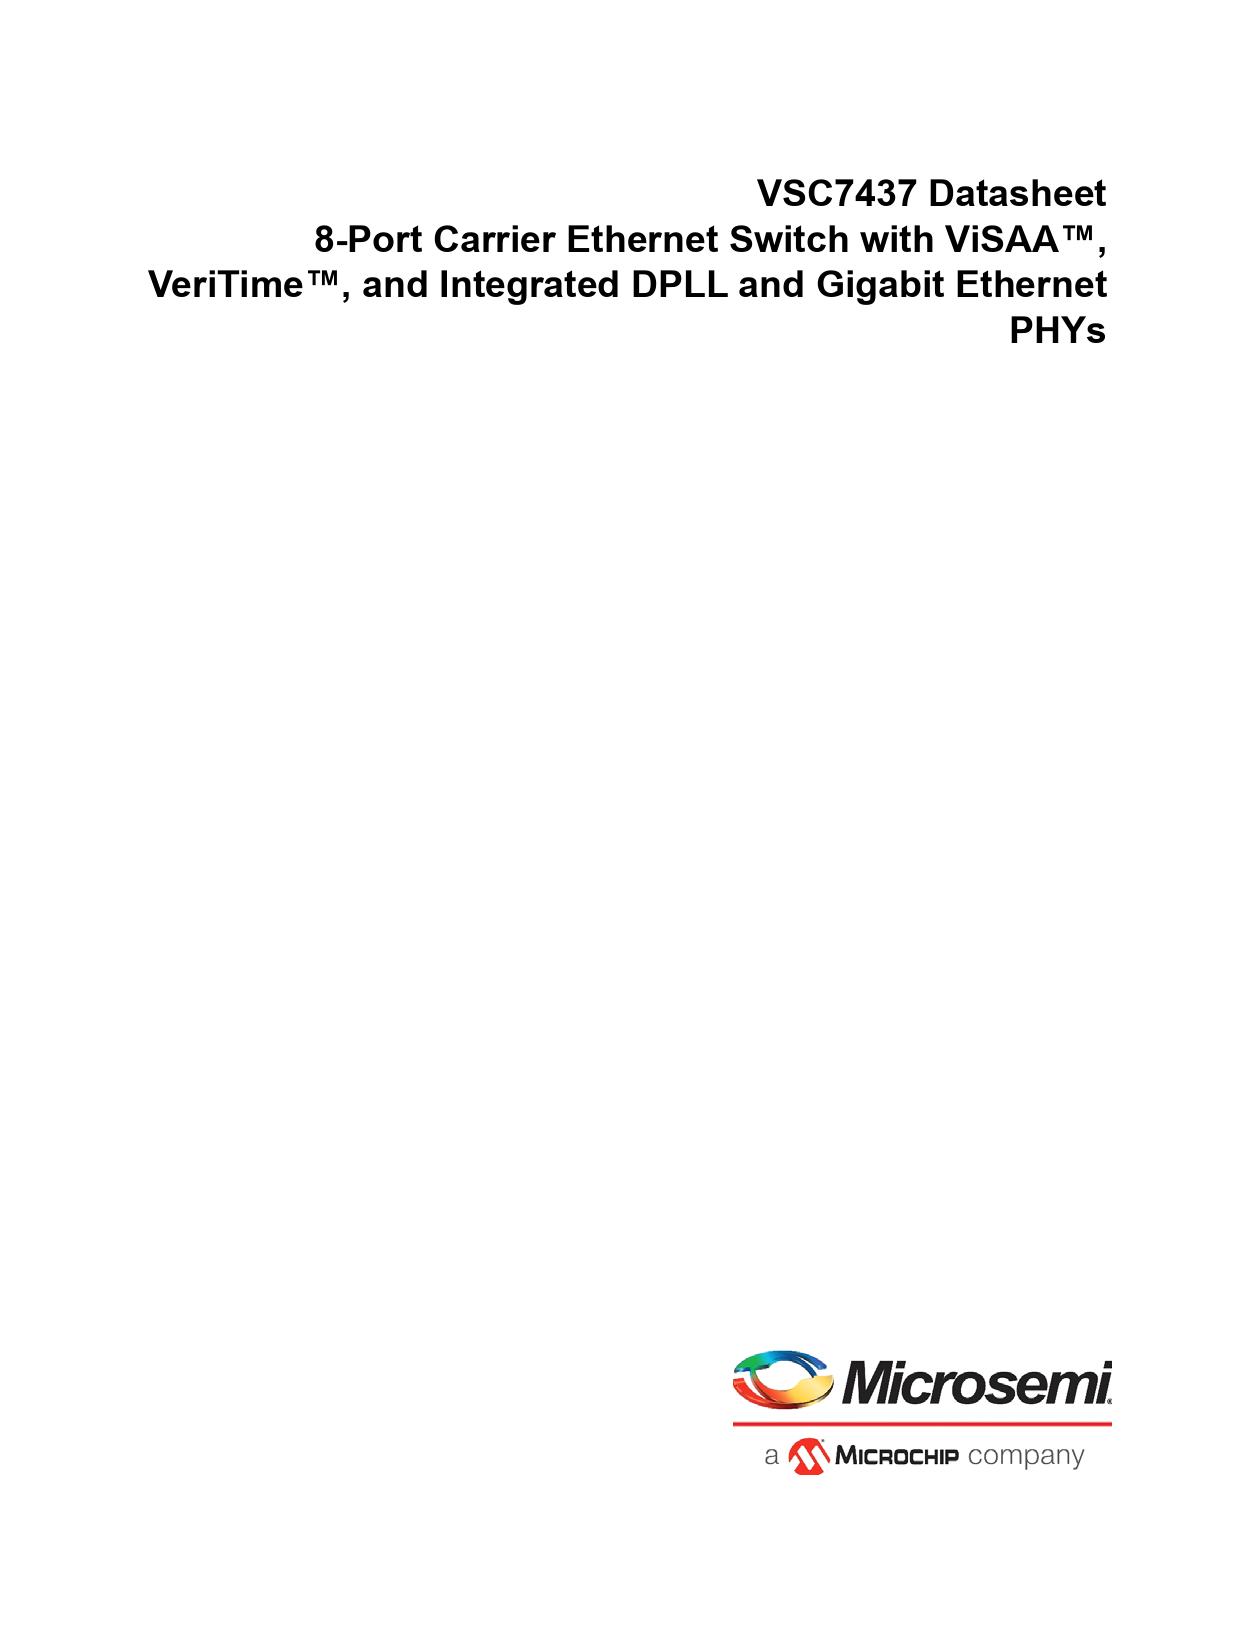 Datasheet VSC7437 Microchip